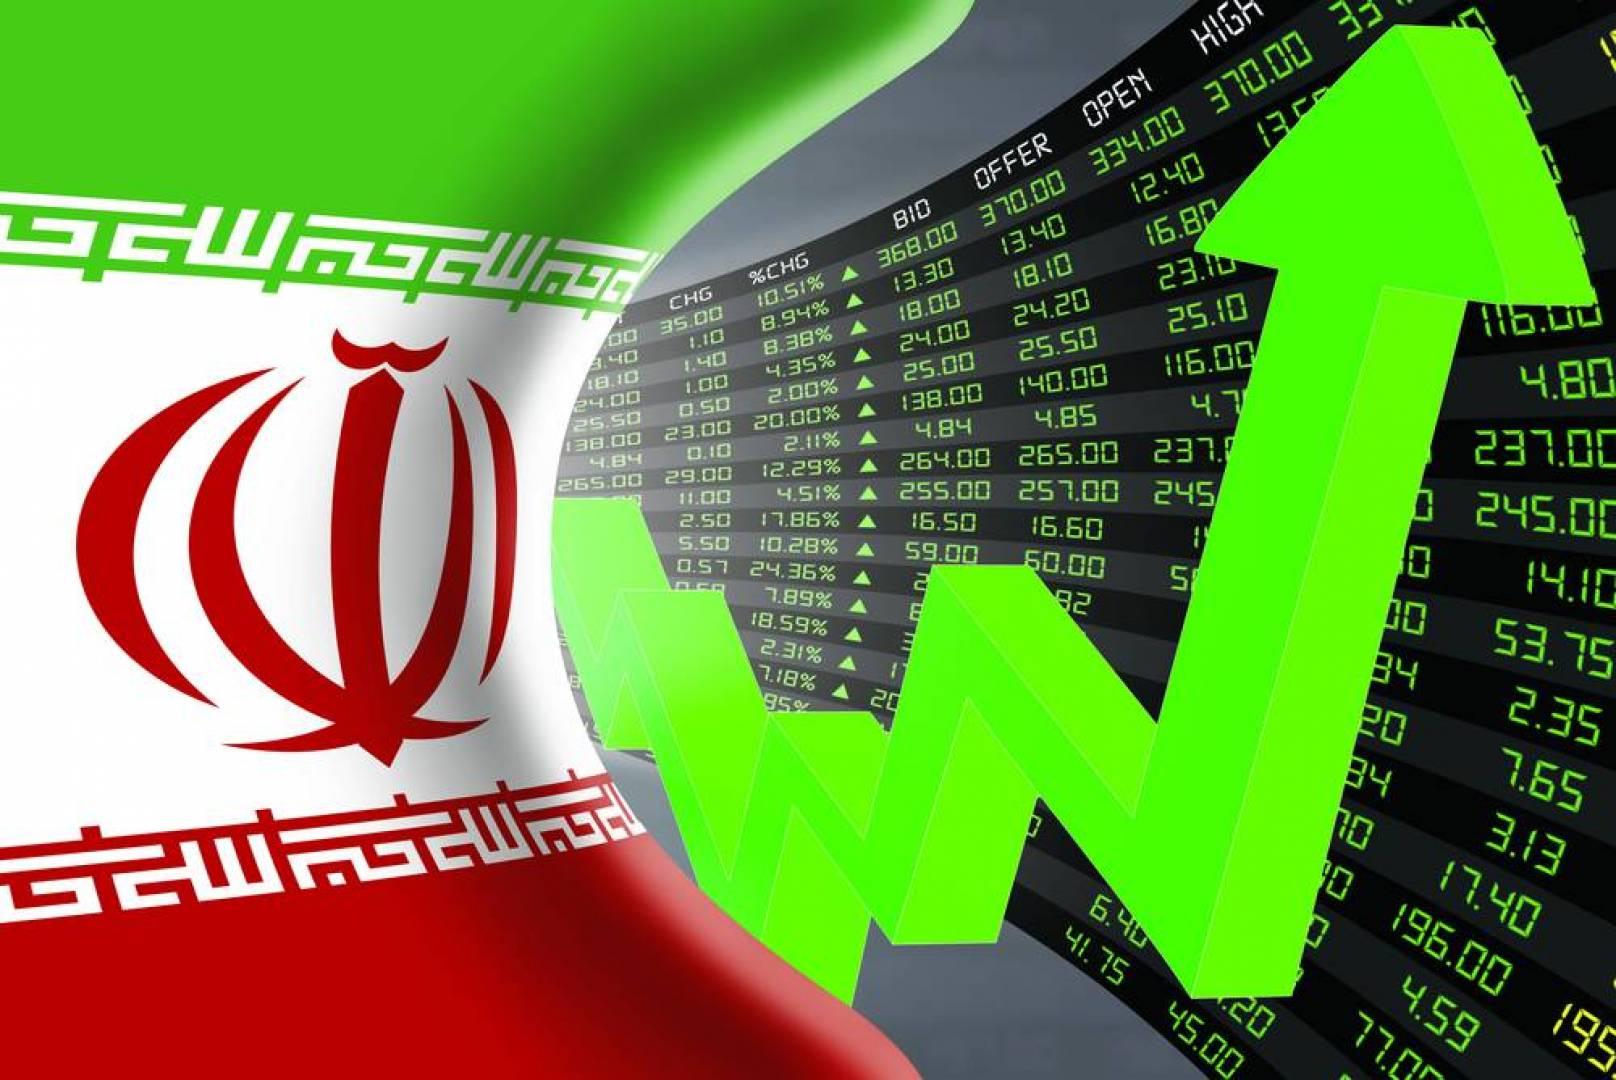 سوق الأسهم الإيرانية تصعد لمستوى قياسي وسط تحذيرات من مغالاة في الصعود